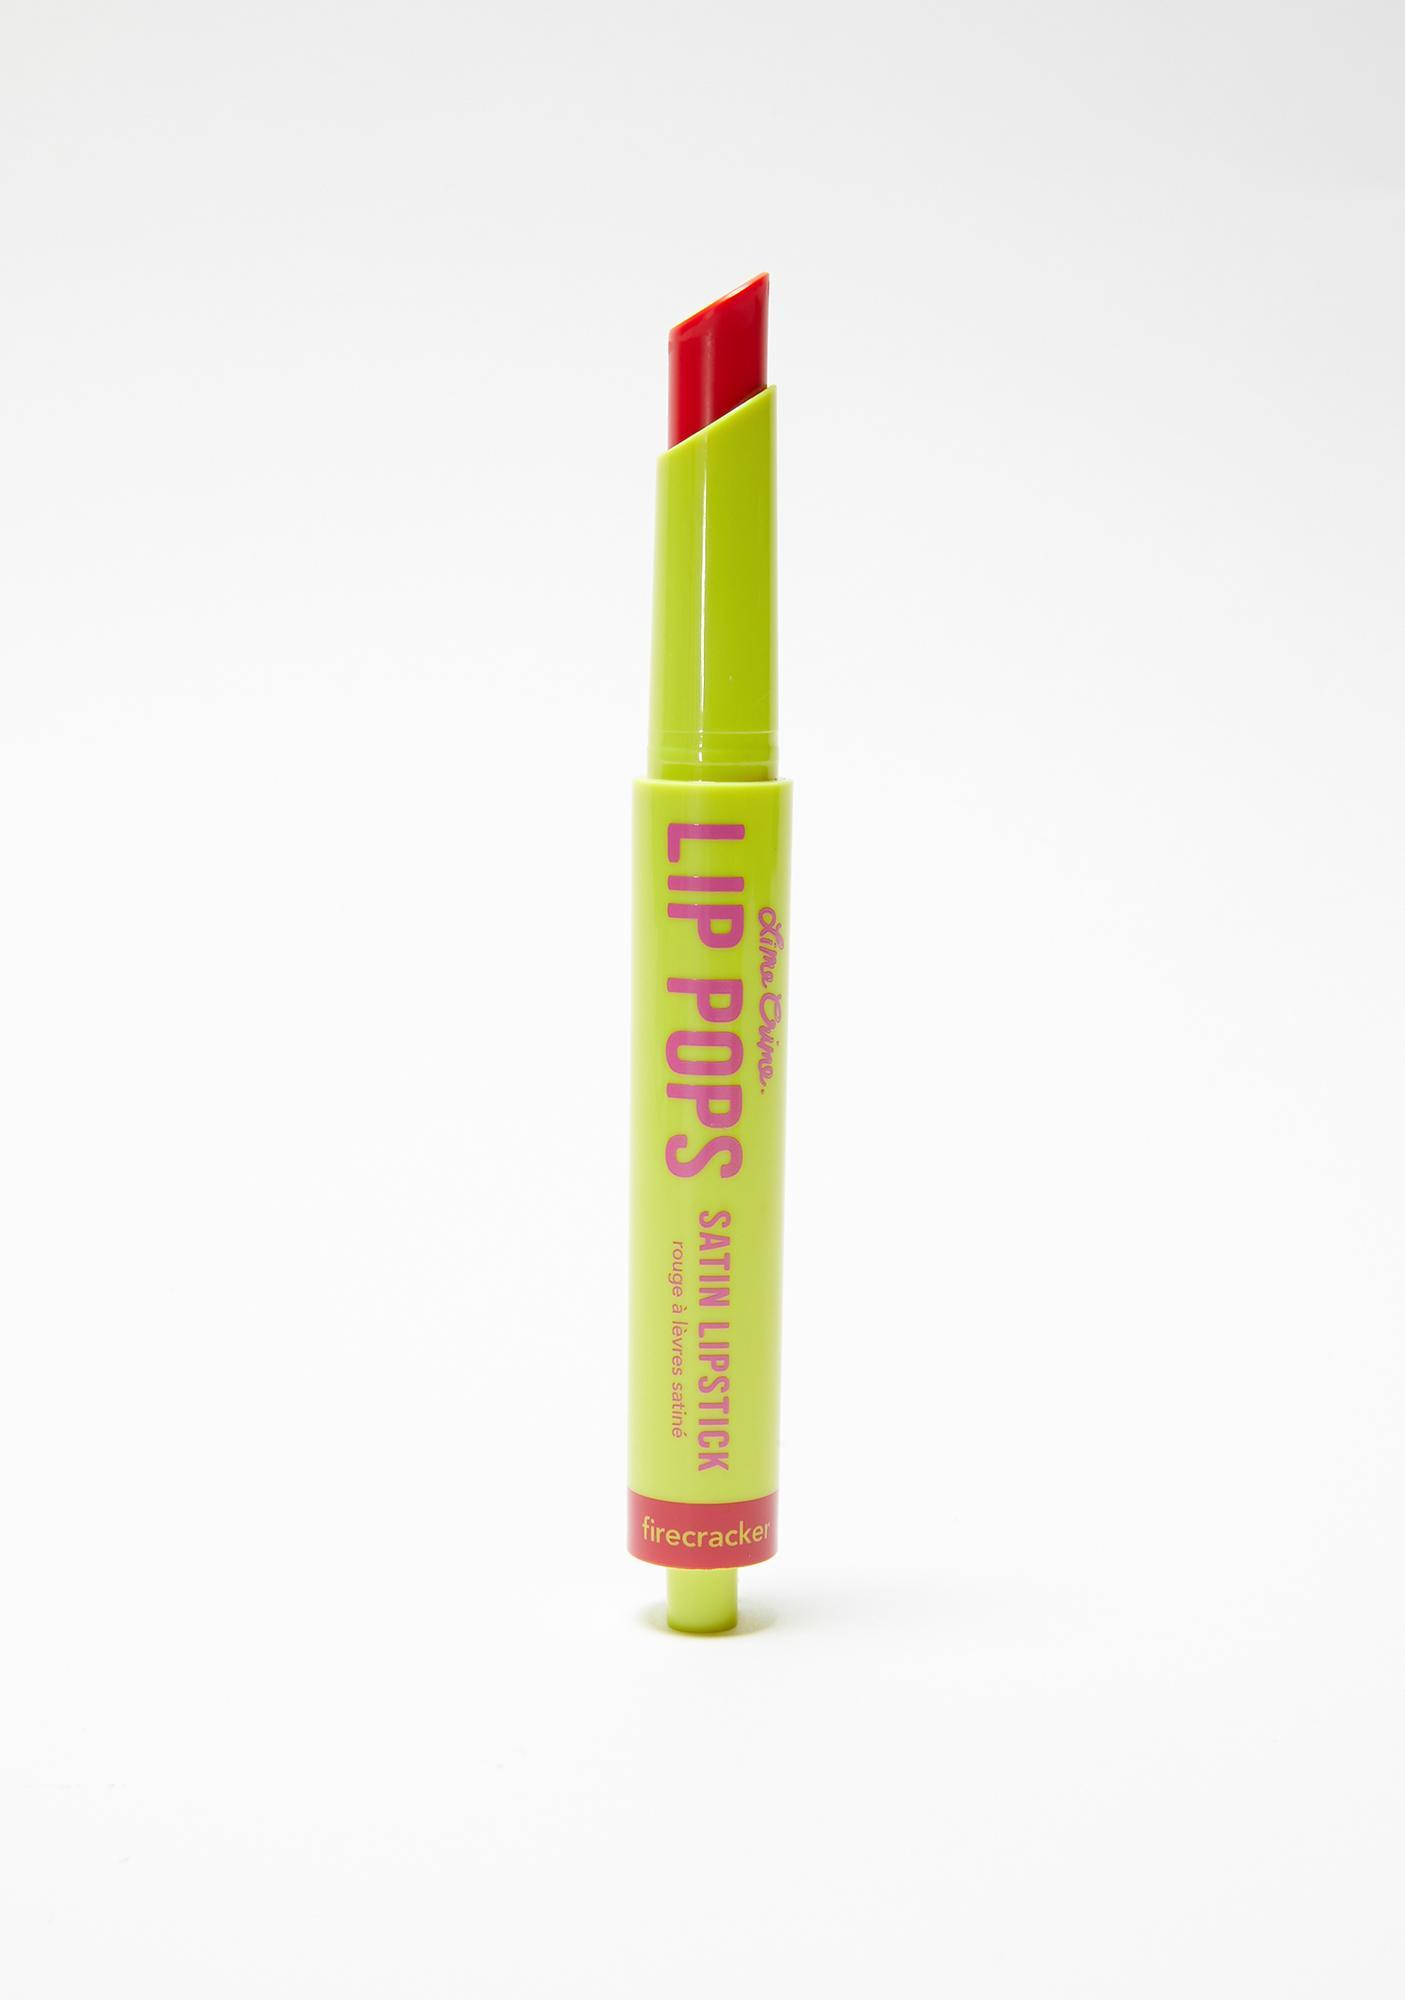 Lime Crime Firecracker Lip Pops Satin Lipstick